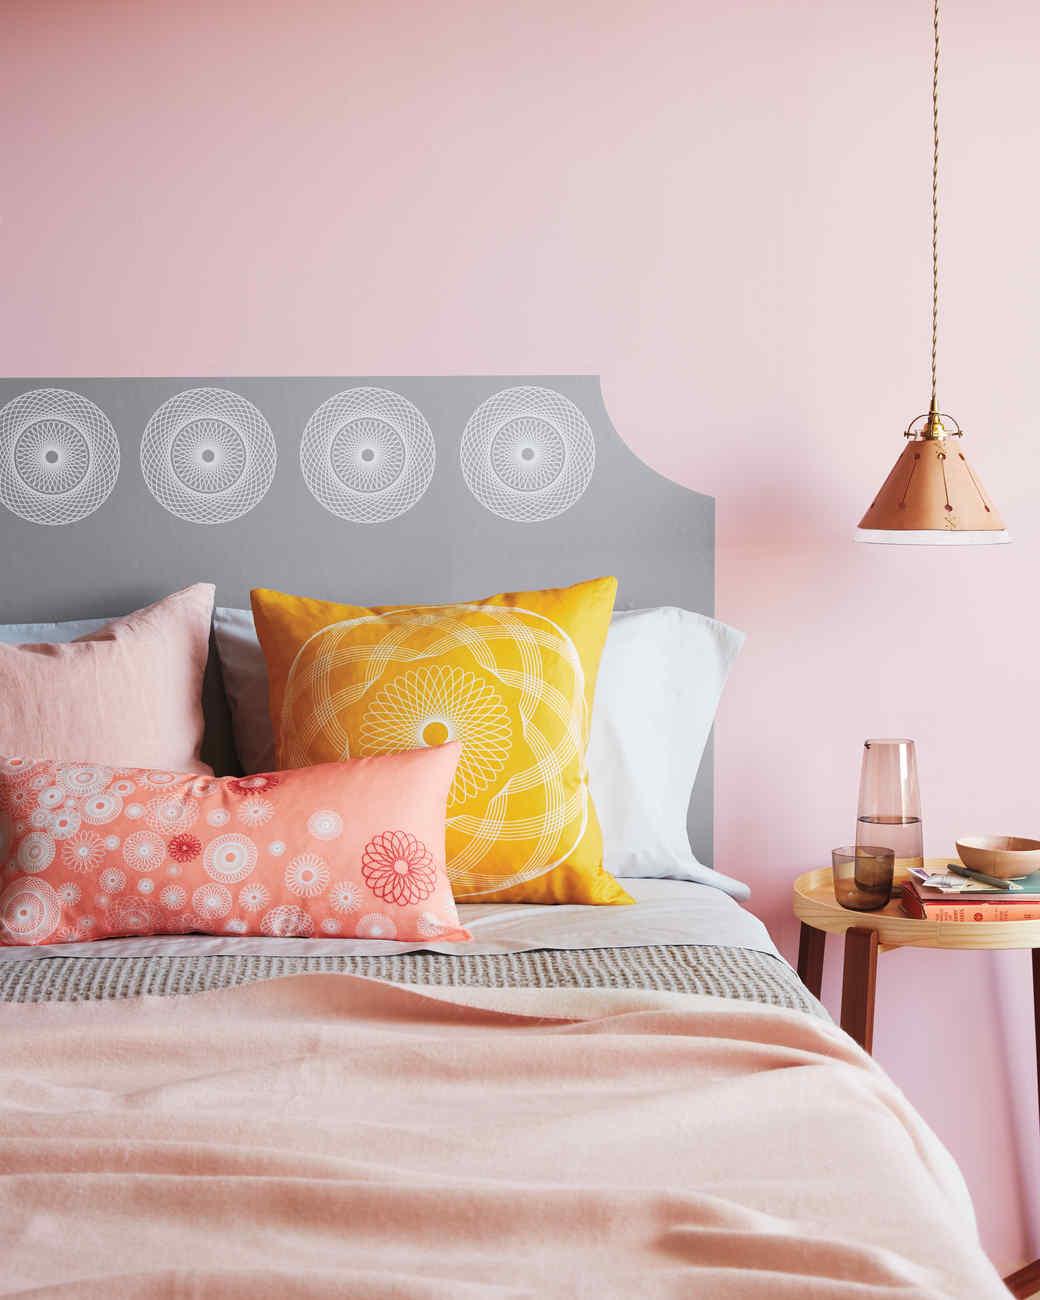 spirograph-headboard-pillows-047-d112641r.jpg